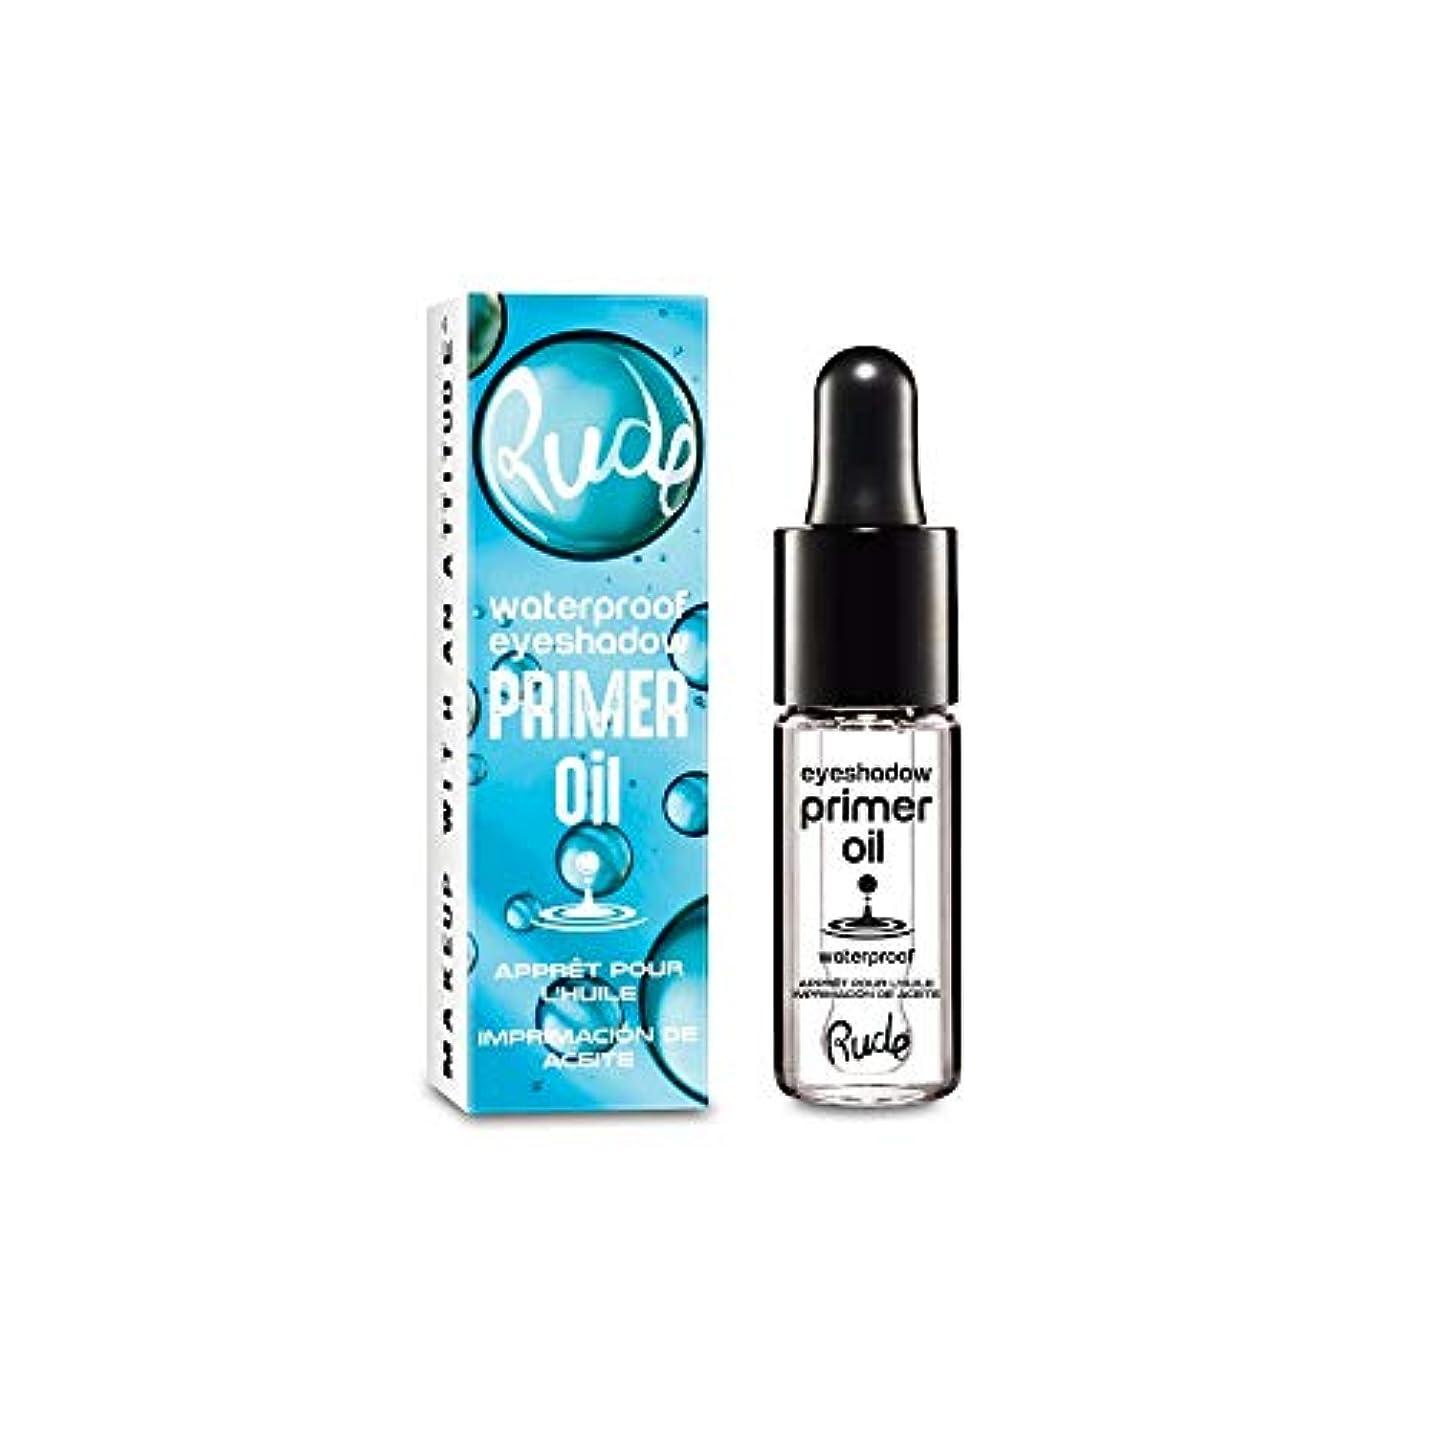 記憶に残る階下腐ったRUDE Waterproof Eyeshadow Primer Oil (並行輸入品)